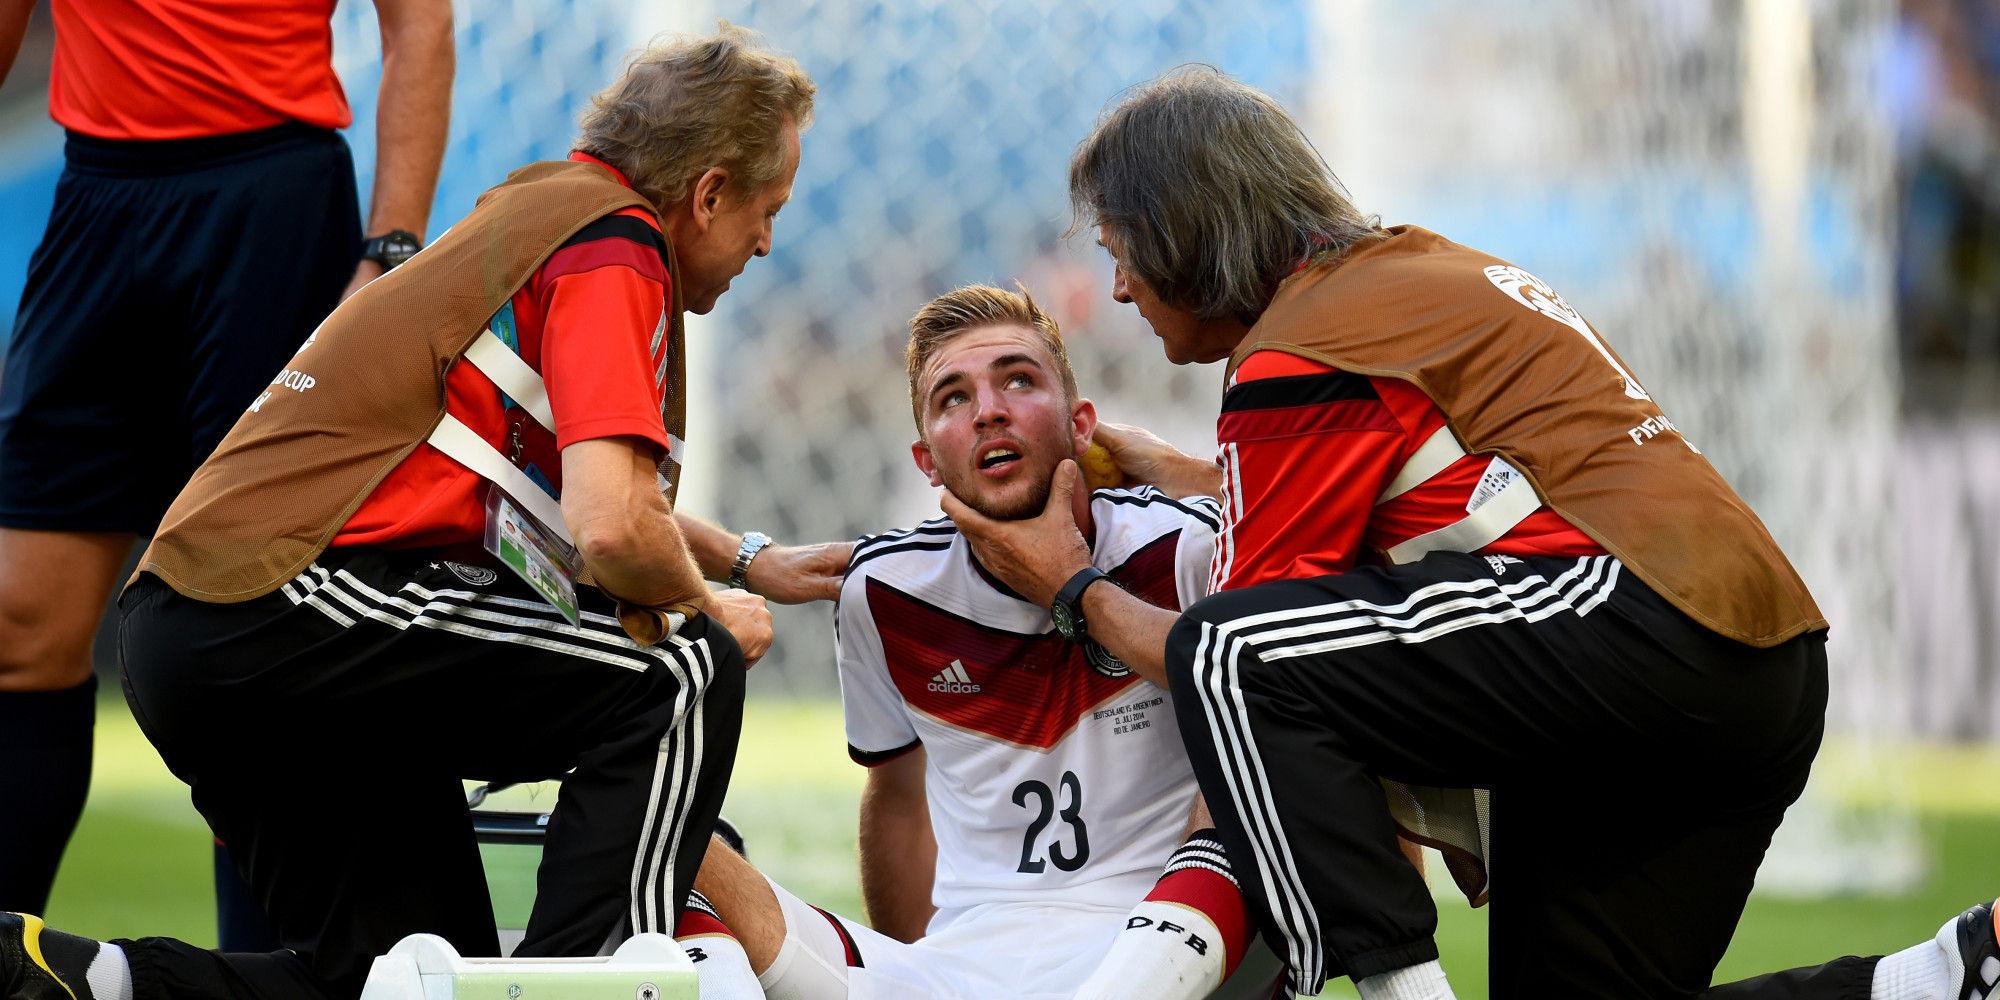 Durante la final del Mundial de Brasil 2014, el alemán Christoph Kramer tuvo que ser sustituido por lesión ¿Quién lo sustituyó?